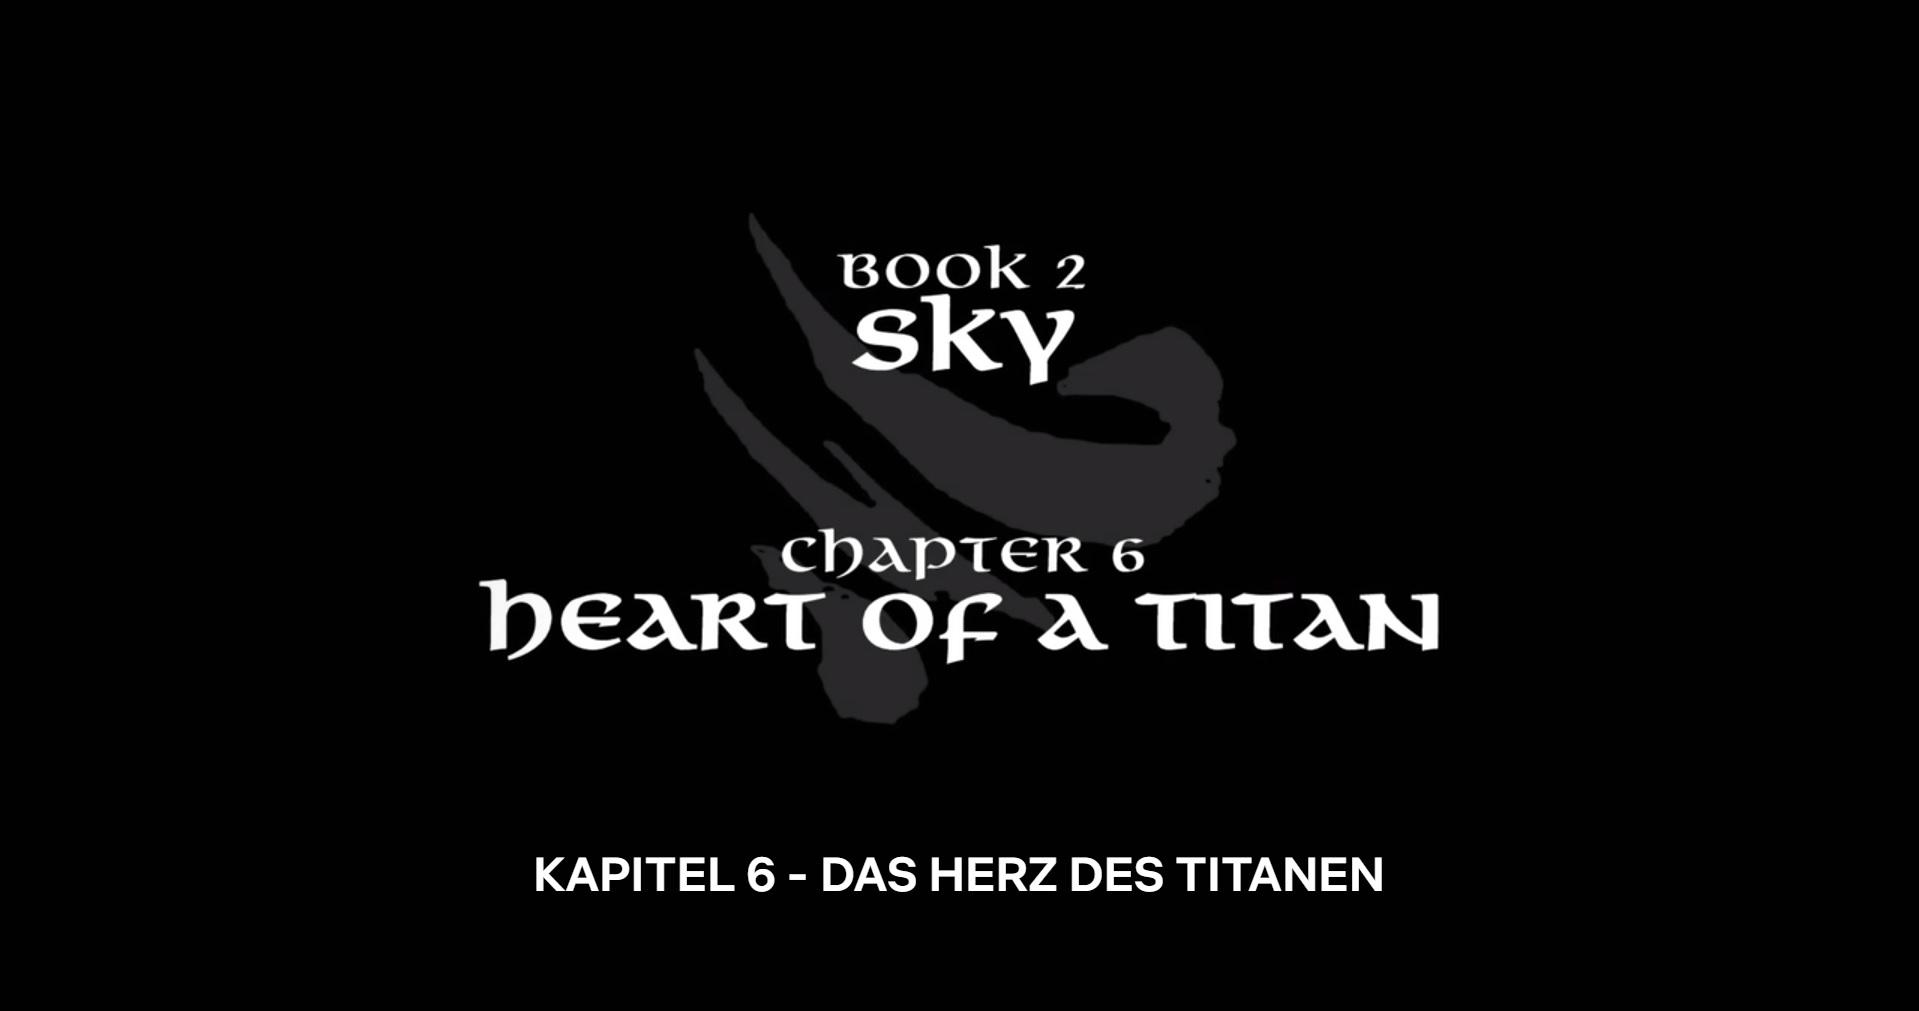 Das Herz des Titanen